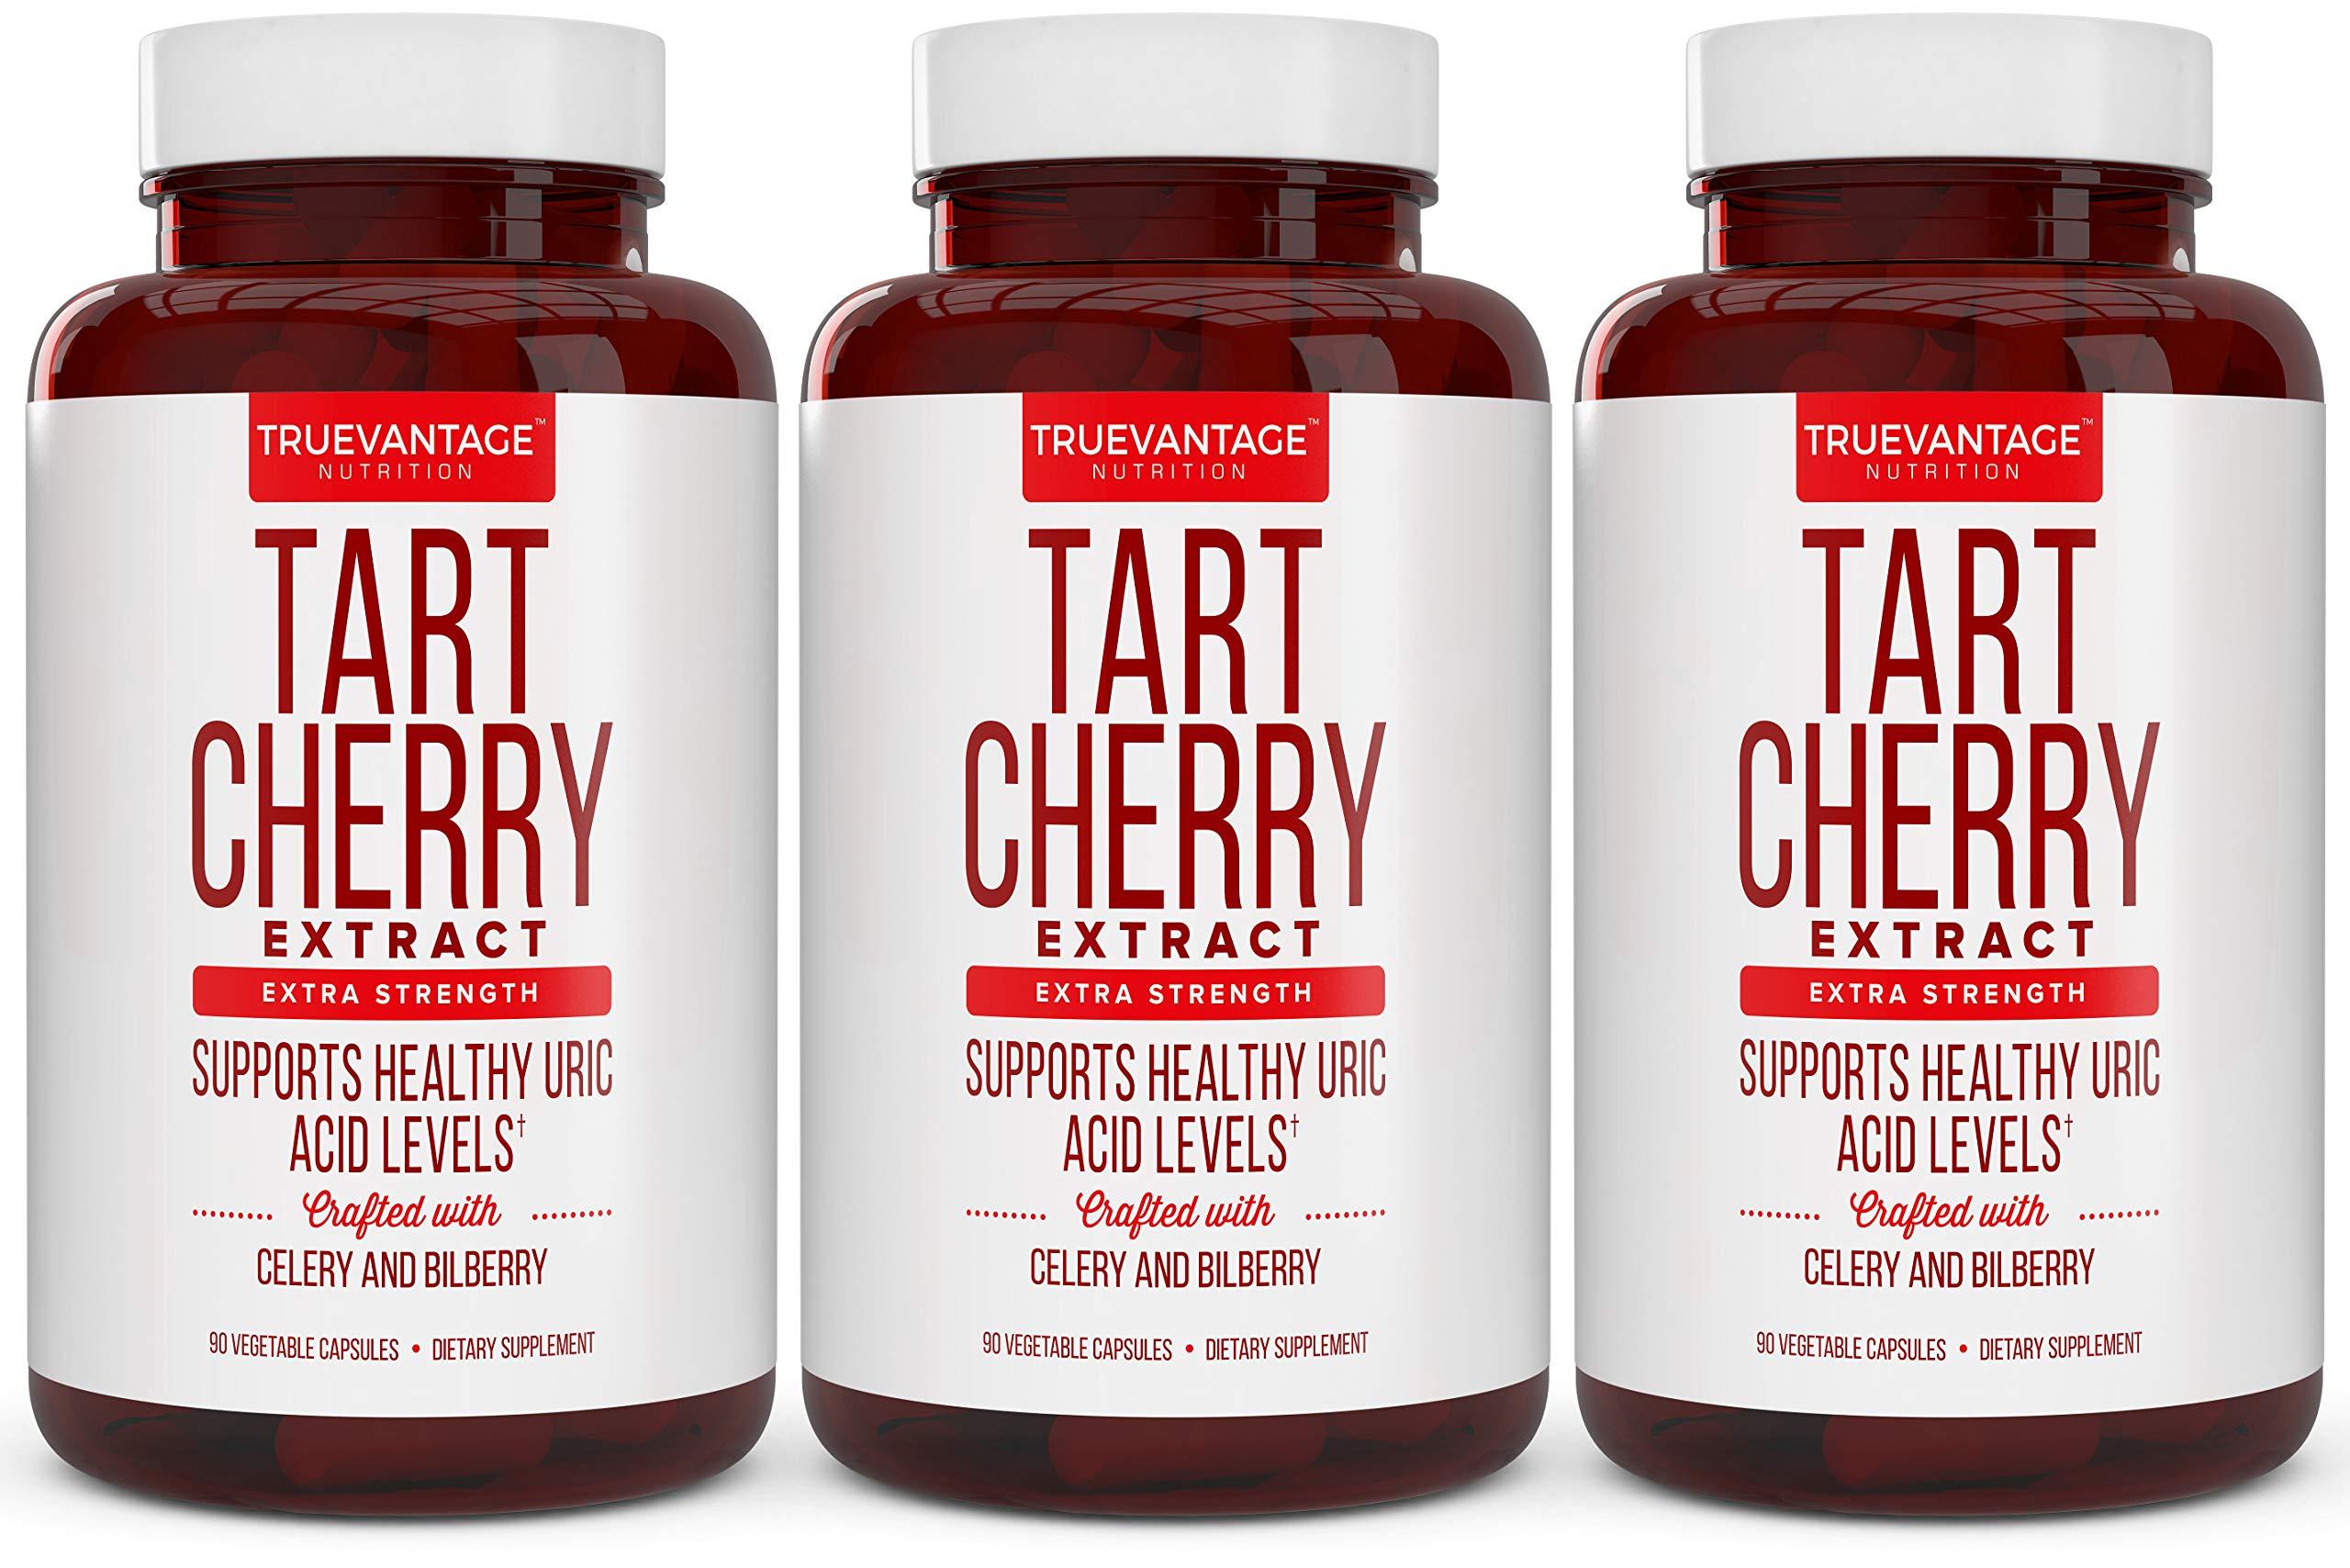 Premium Tart Cherry Extract Plus Celery Seed and